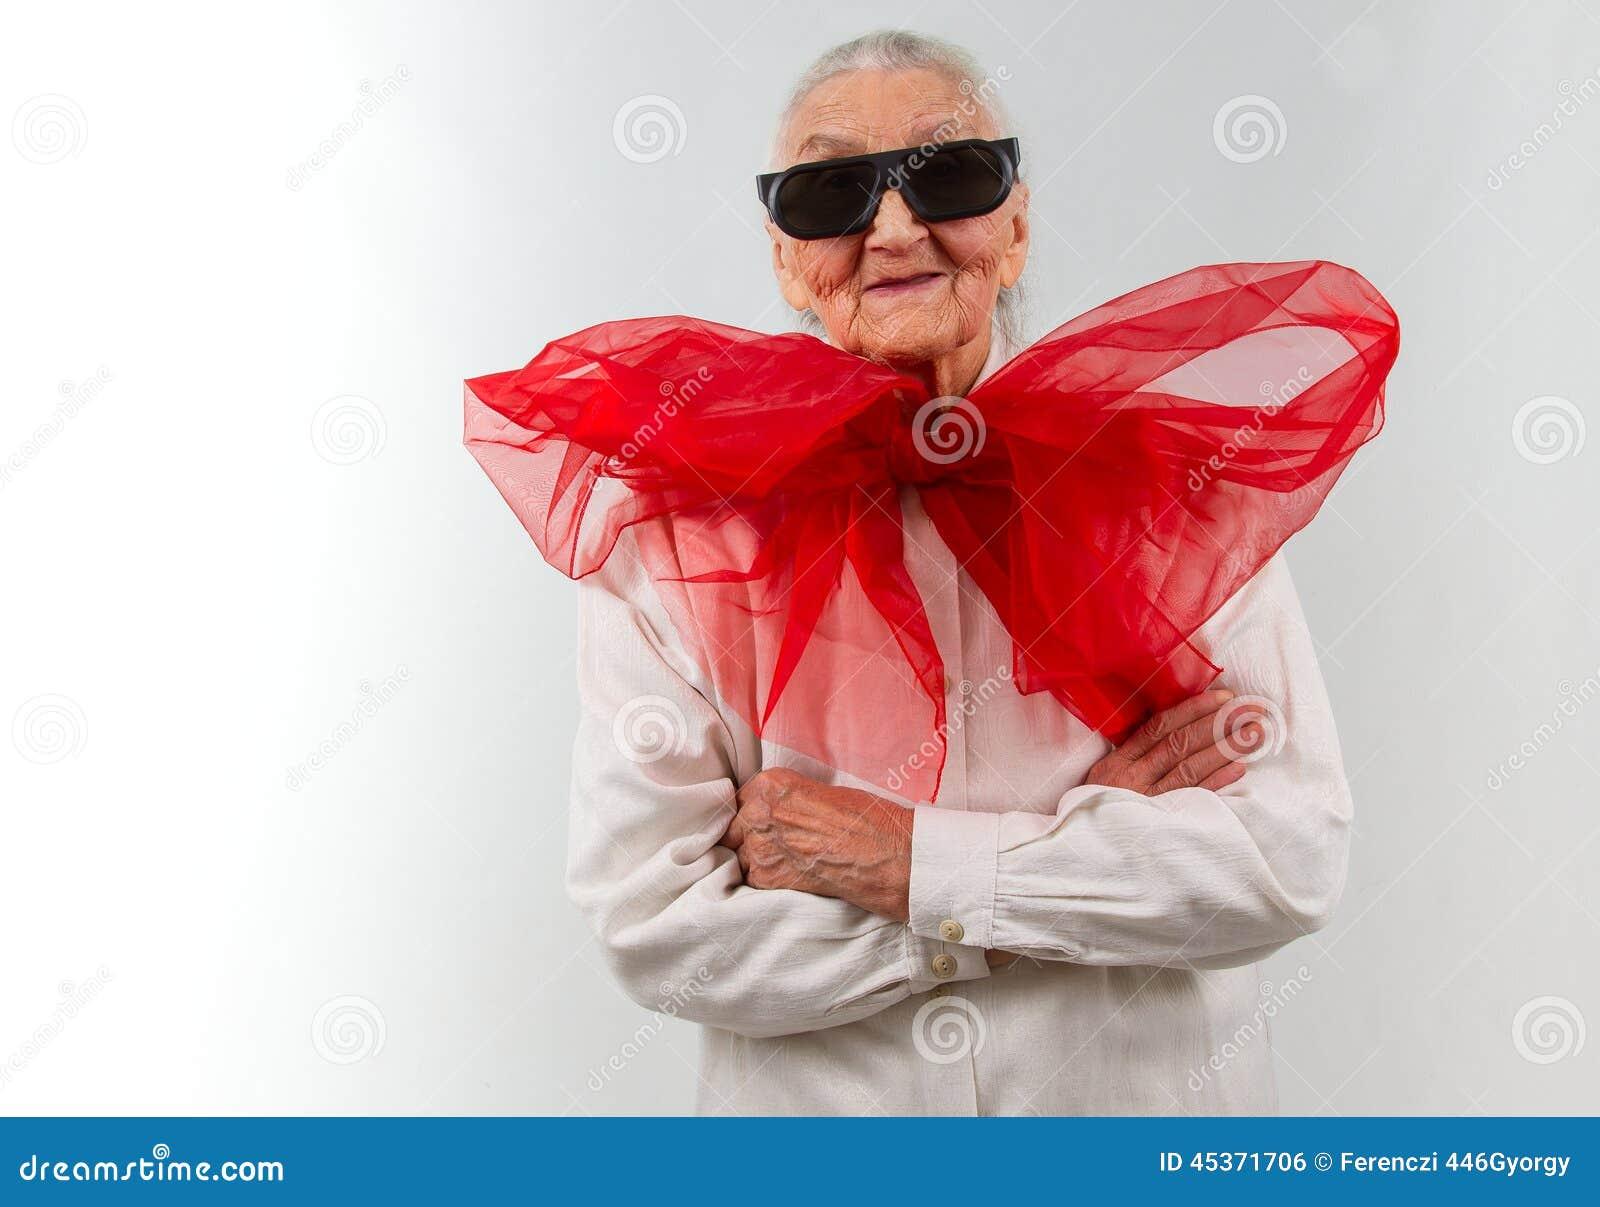 Grand-maman avec un style bizarre